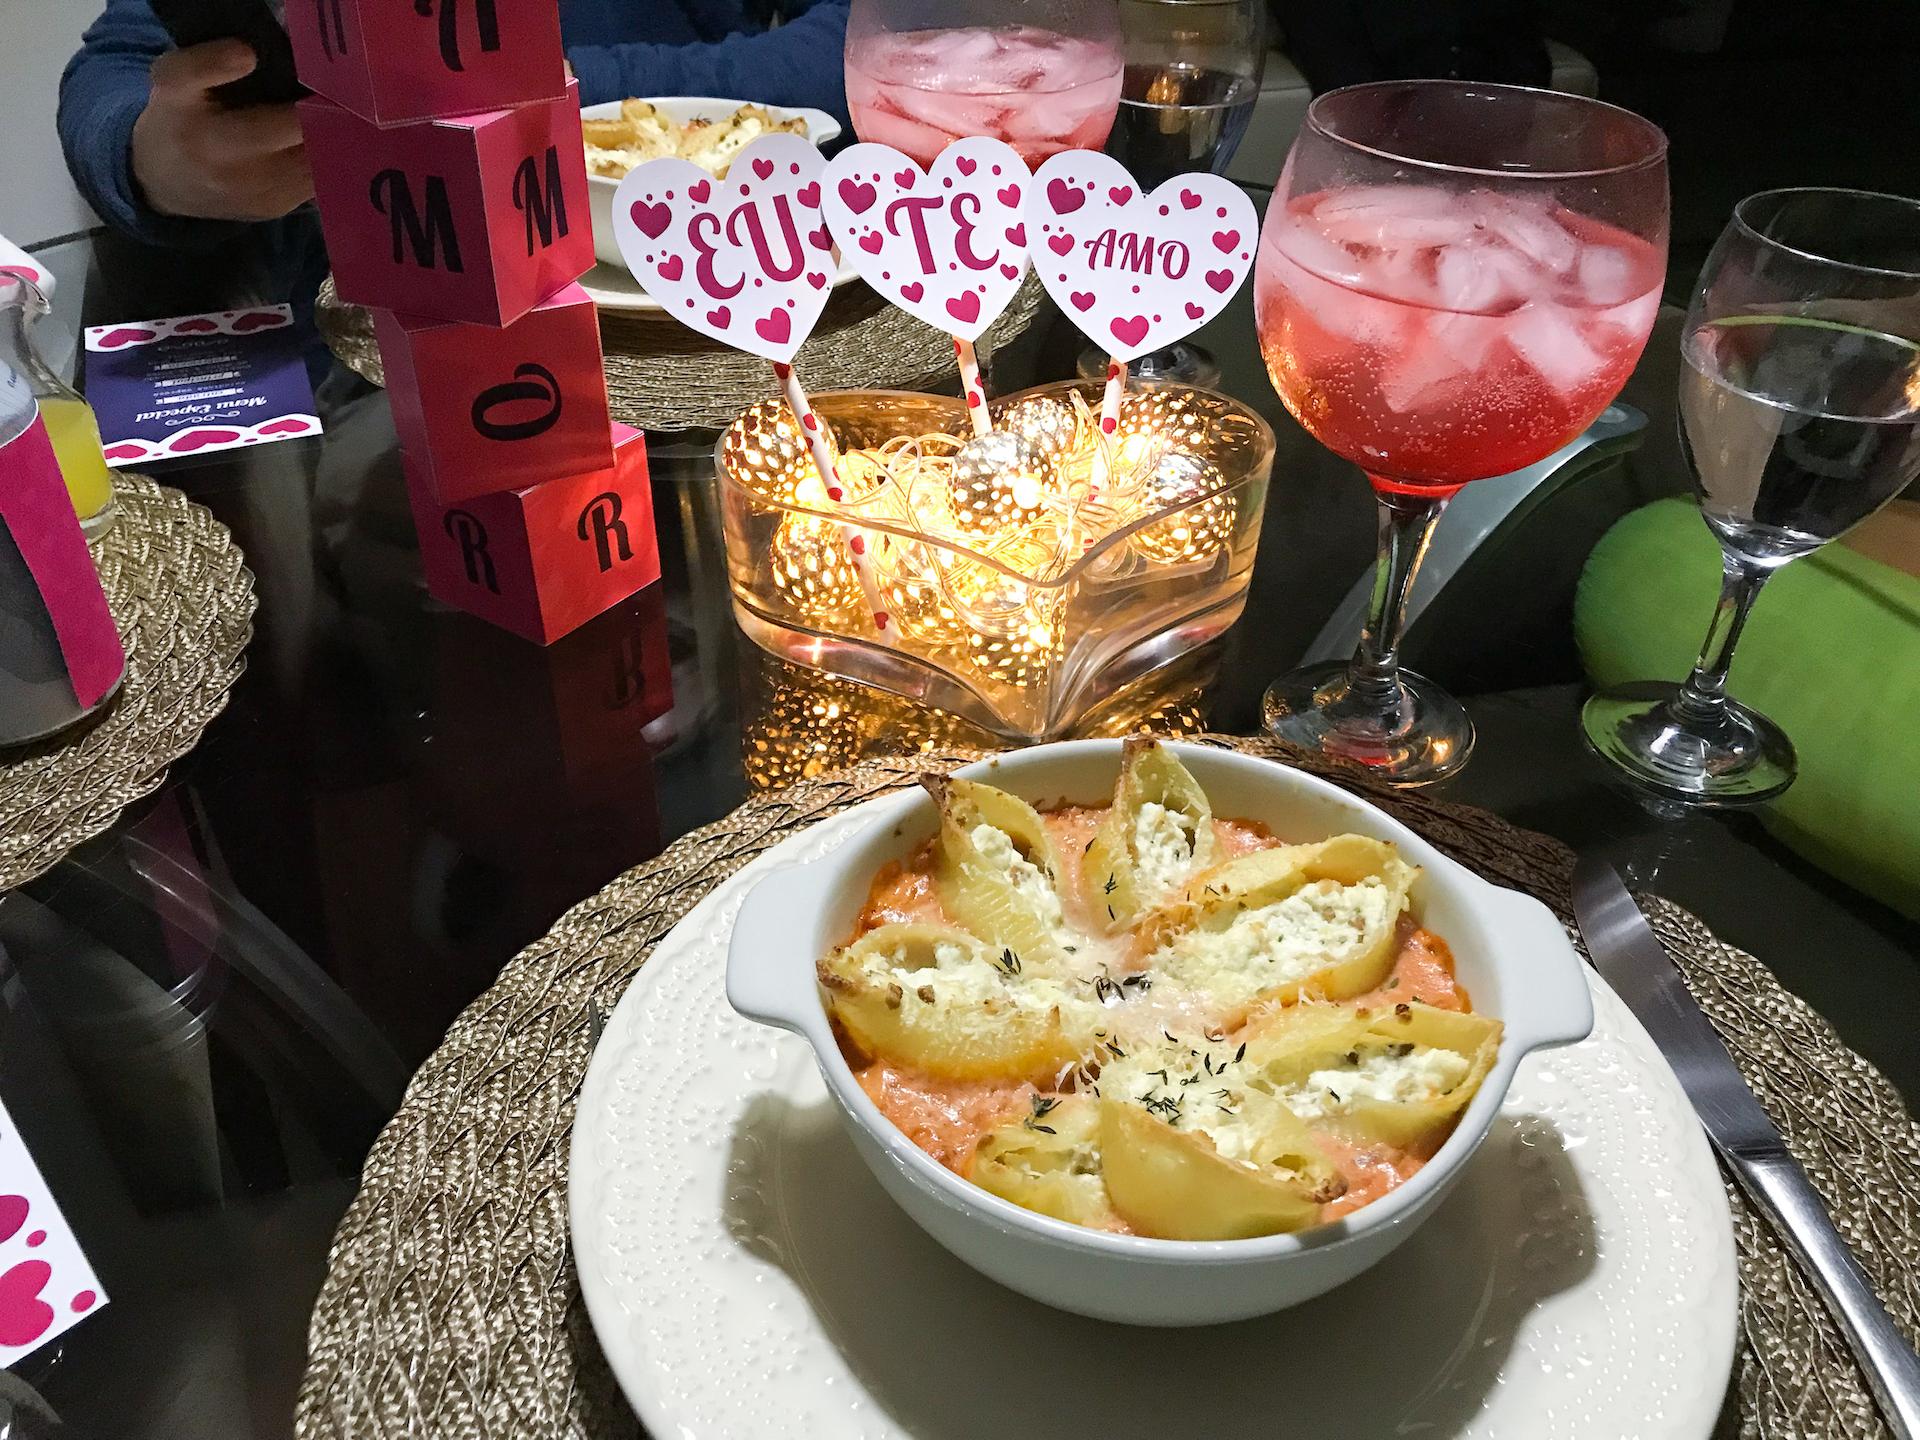 Conchiglioni Recheado com Ricota jantar romântico em casa dia dos namorados simples